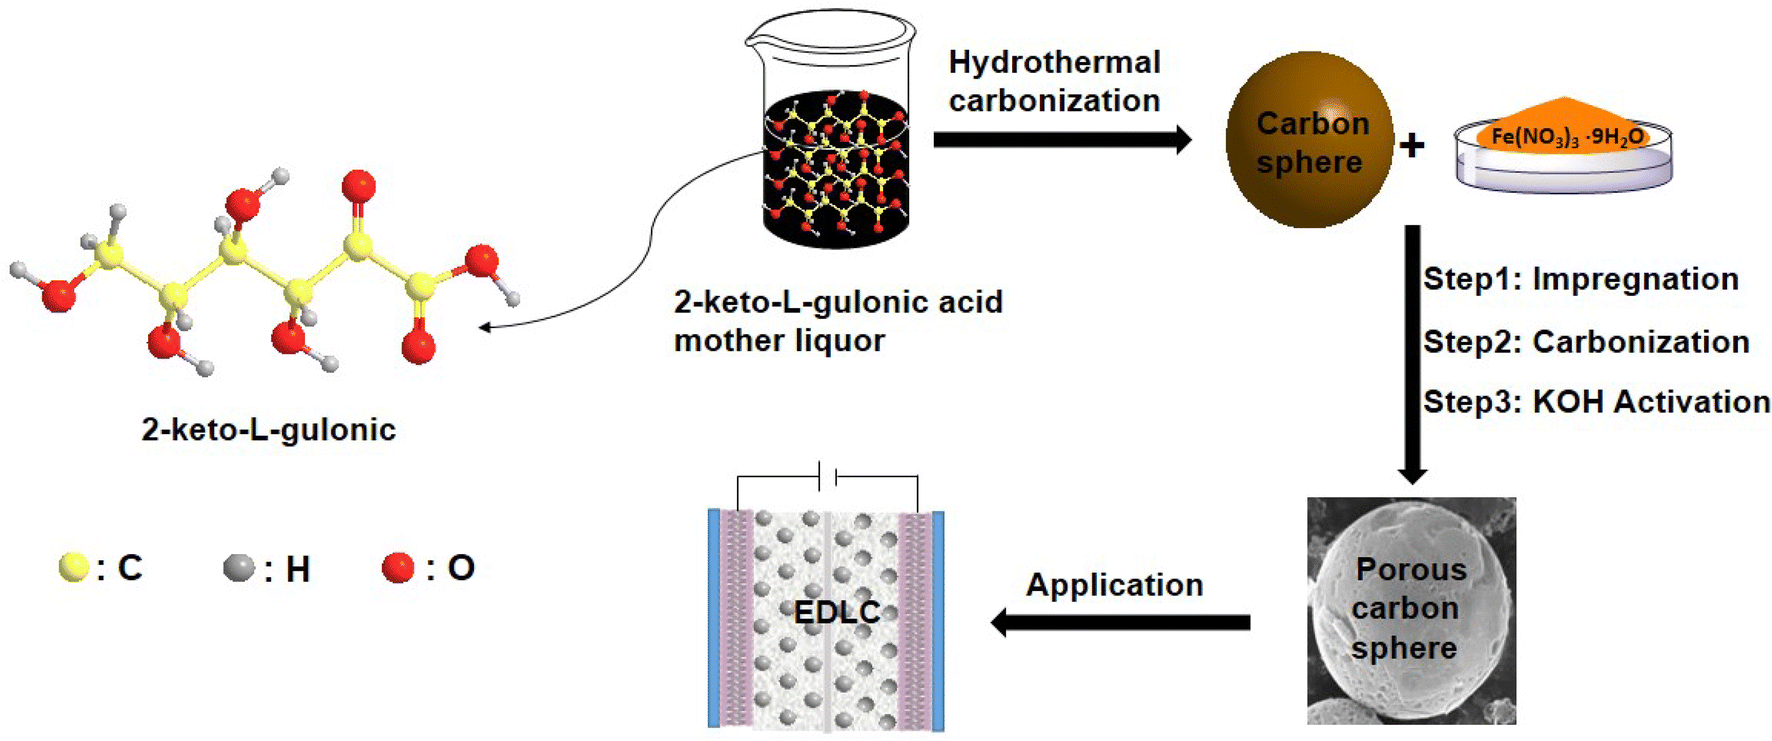 Preparation of Porous Carbon Spheres Under Different Activation